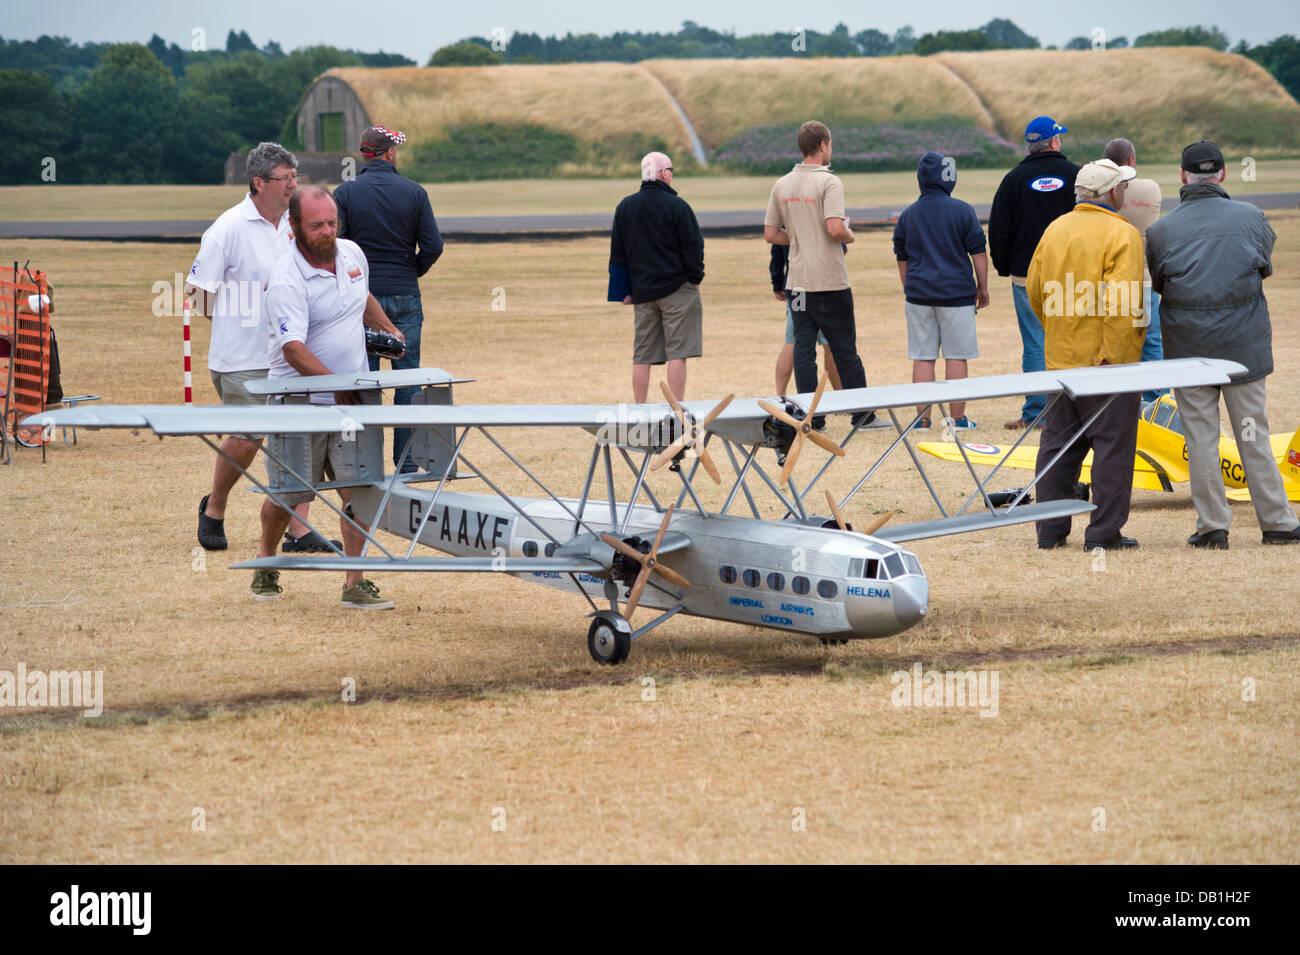 Exposant avec le vol avion Handley Page modèle au grand spectacle d'aéromodèles à Cosford RAF, Shropshire, Angleterre, juillet 2013 Banque D'Images